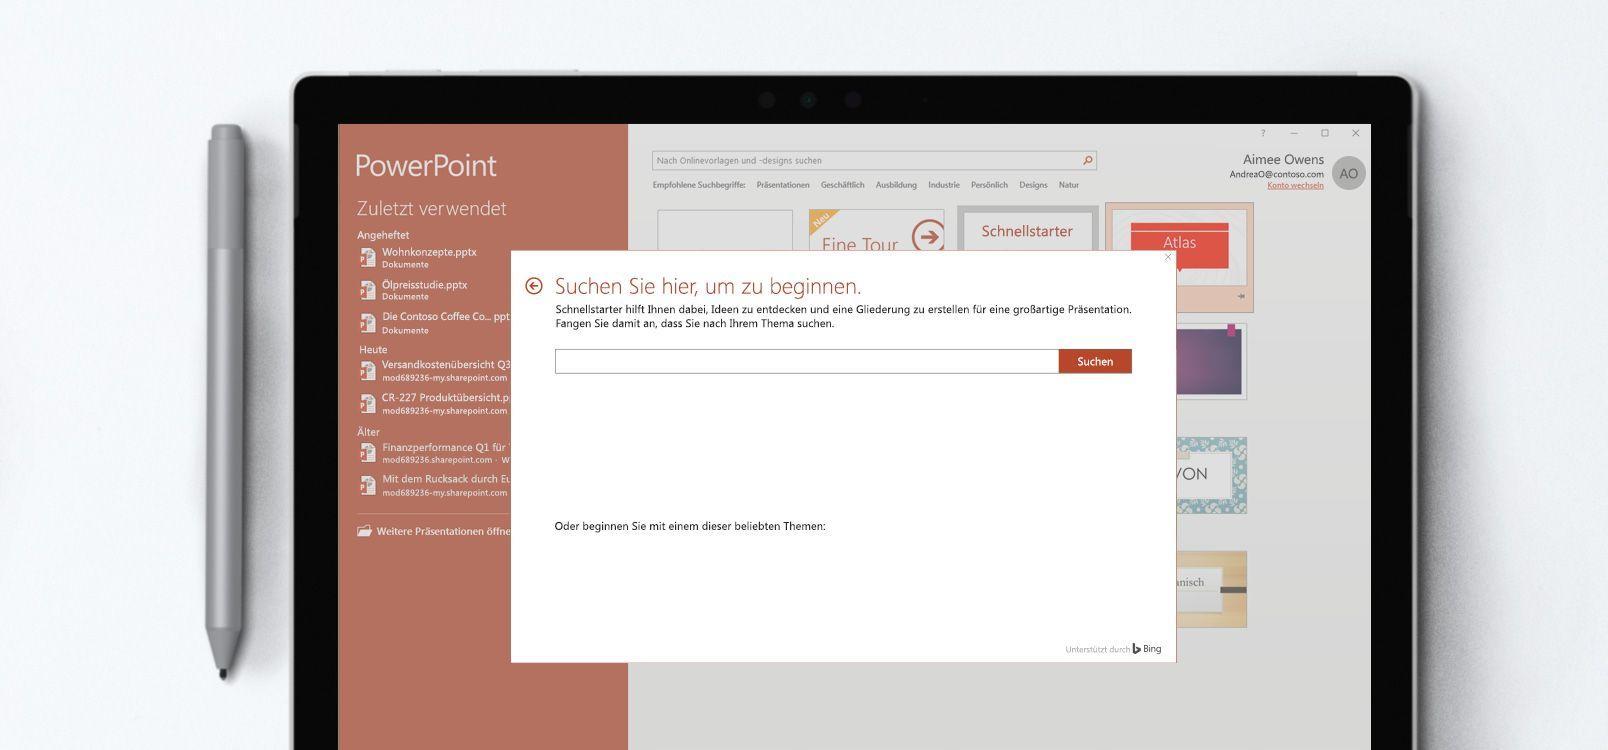 Gemütlich Online Vorlagen Für Powerpoint Galerie - Beispiel ...